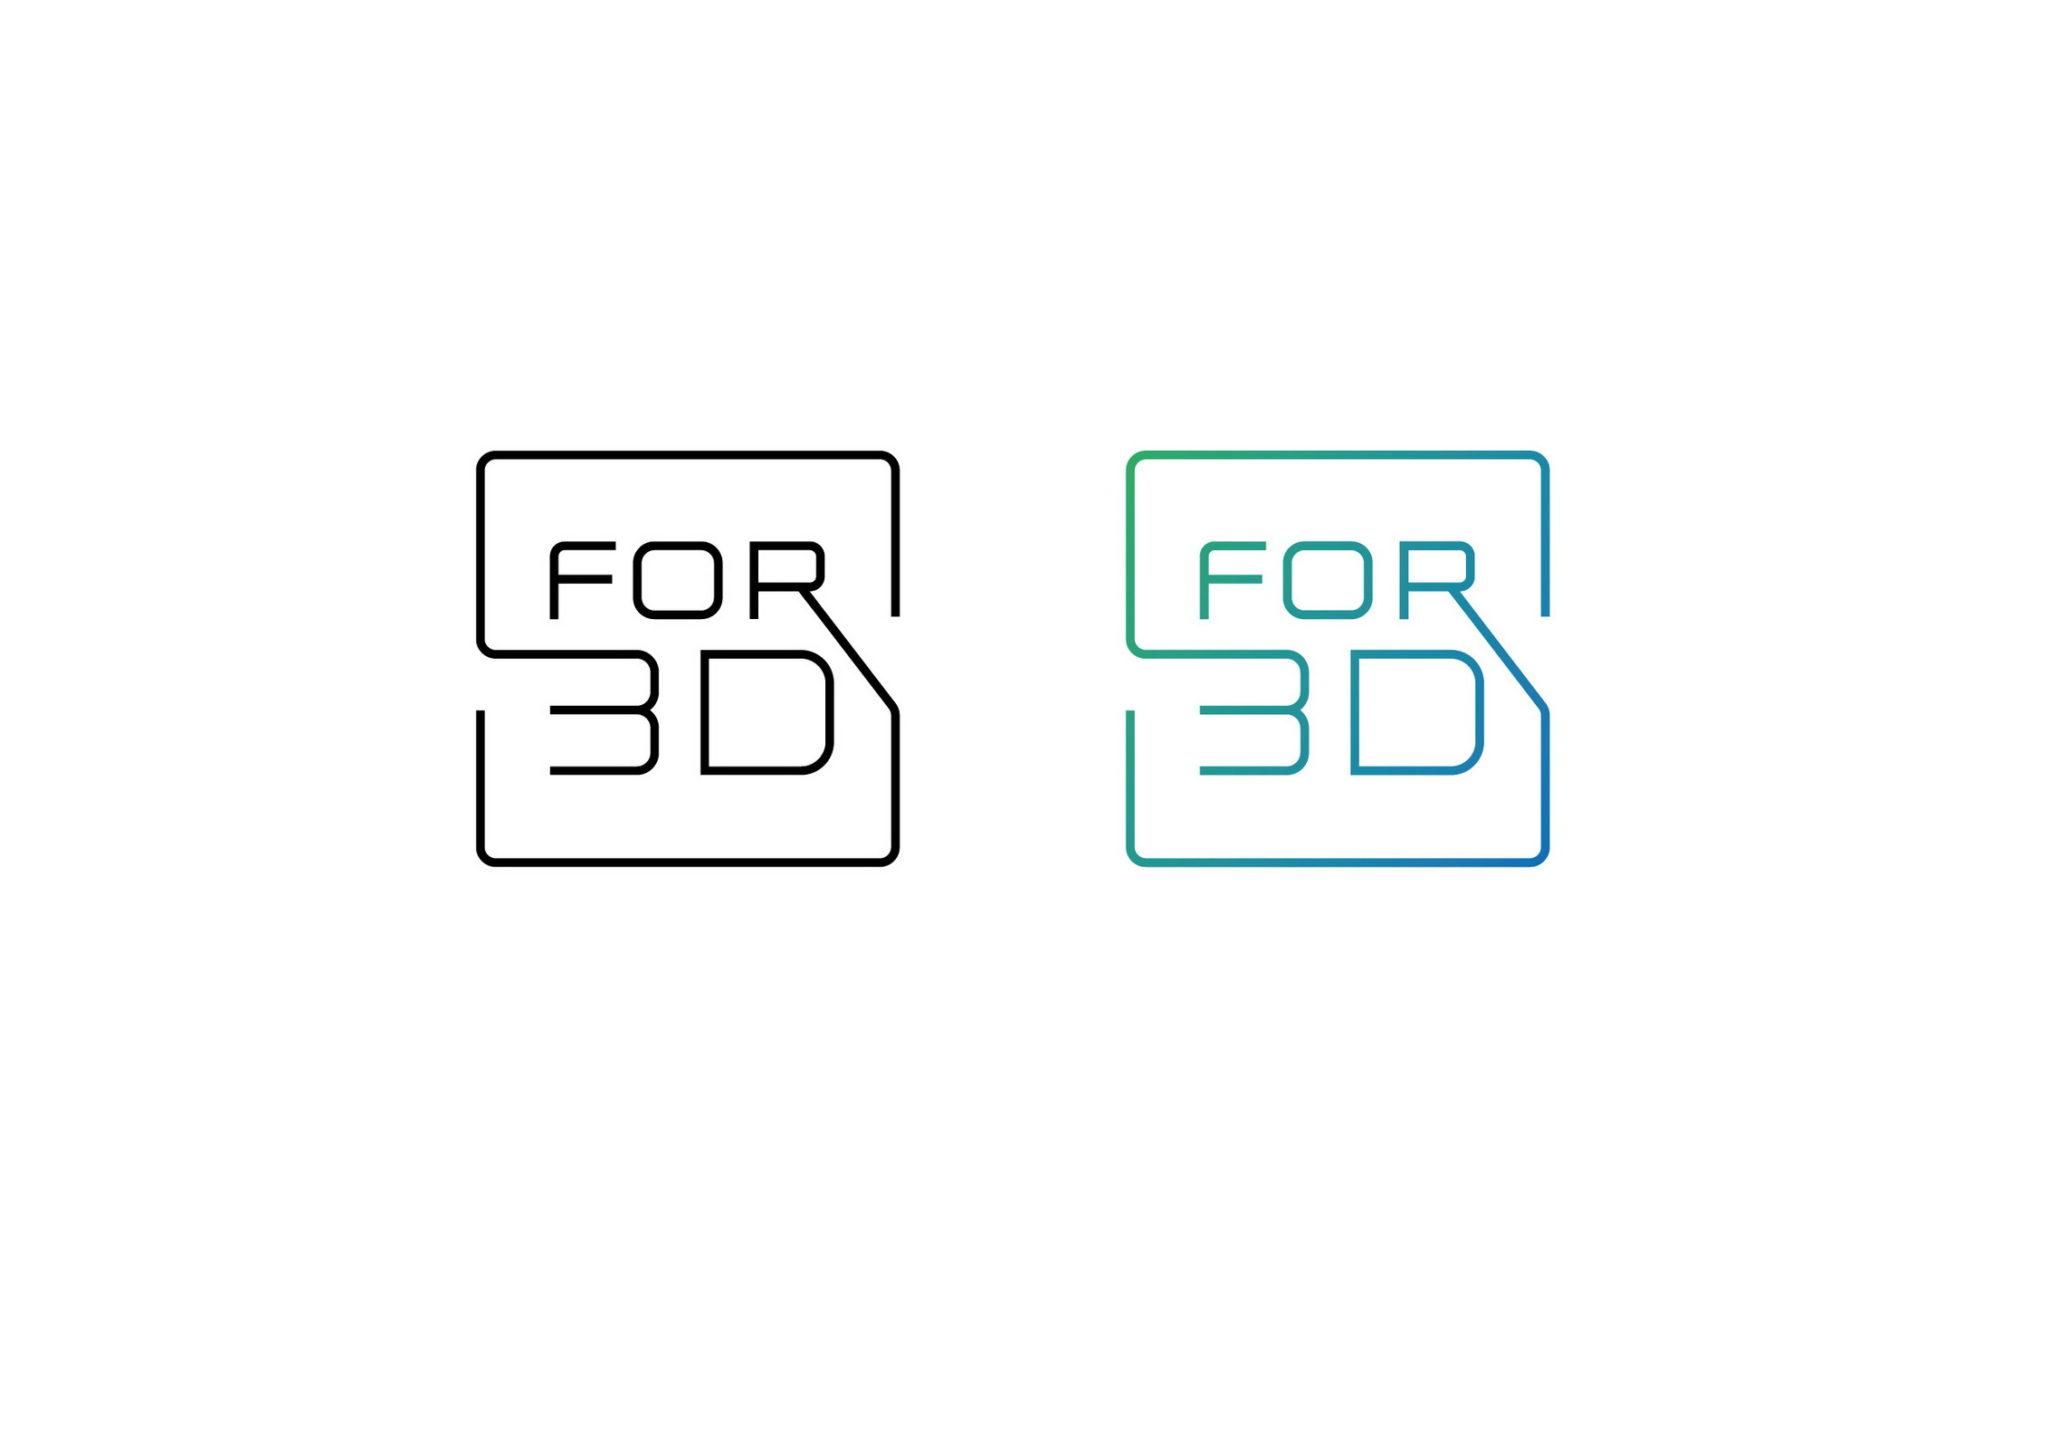 ონლაინ მაღაზია, ნახვა, 3D, მოდელი, CNC, logo, FOR3D